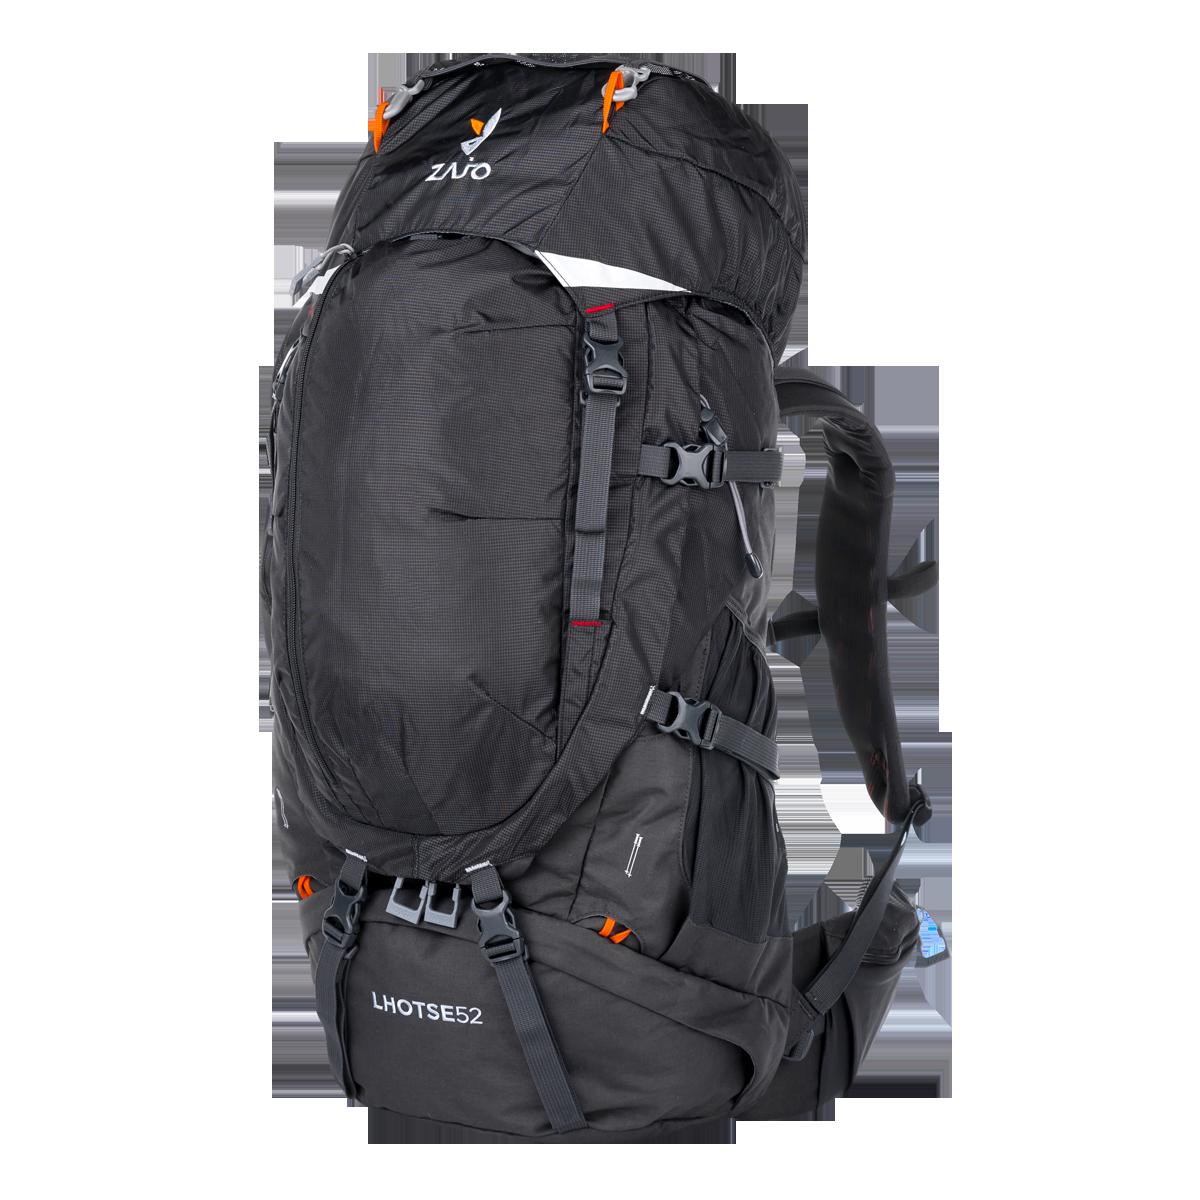 Lhotse 52 Backpack 1